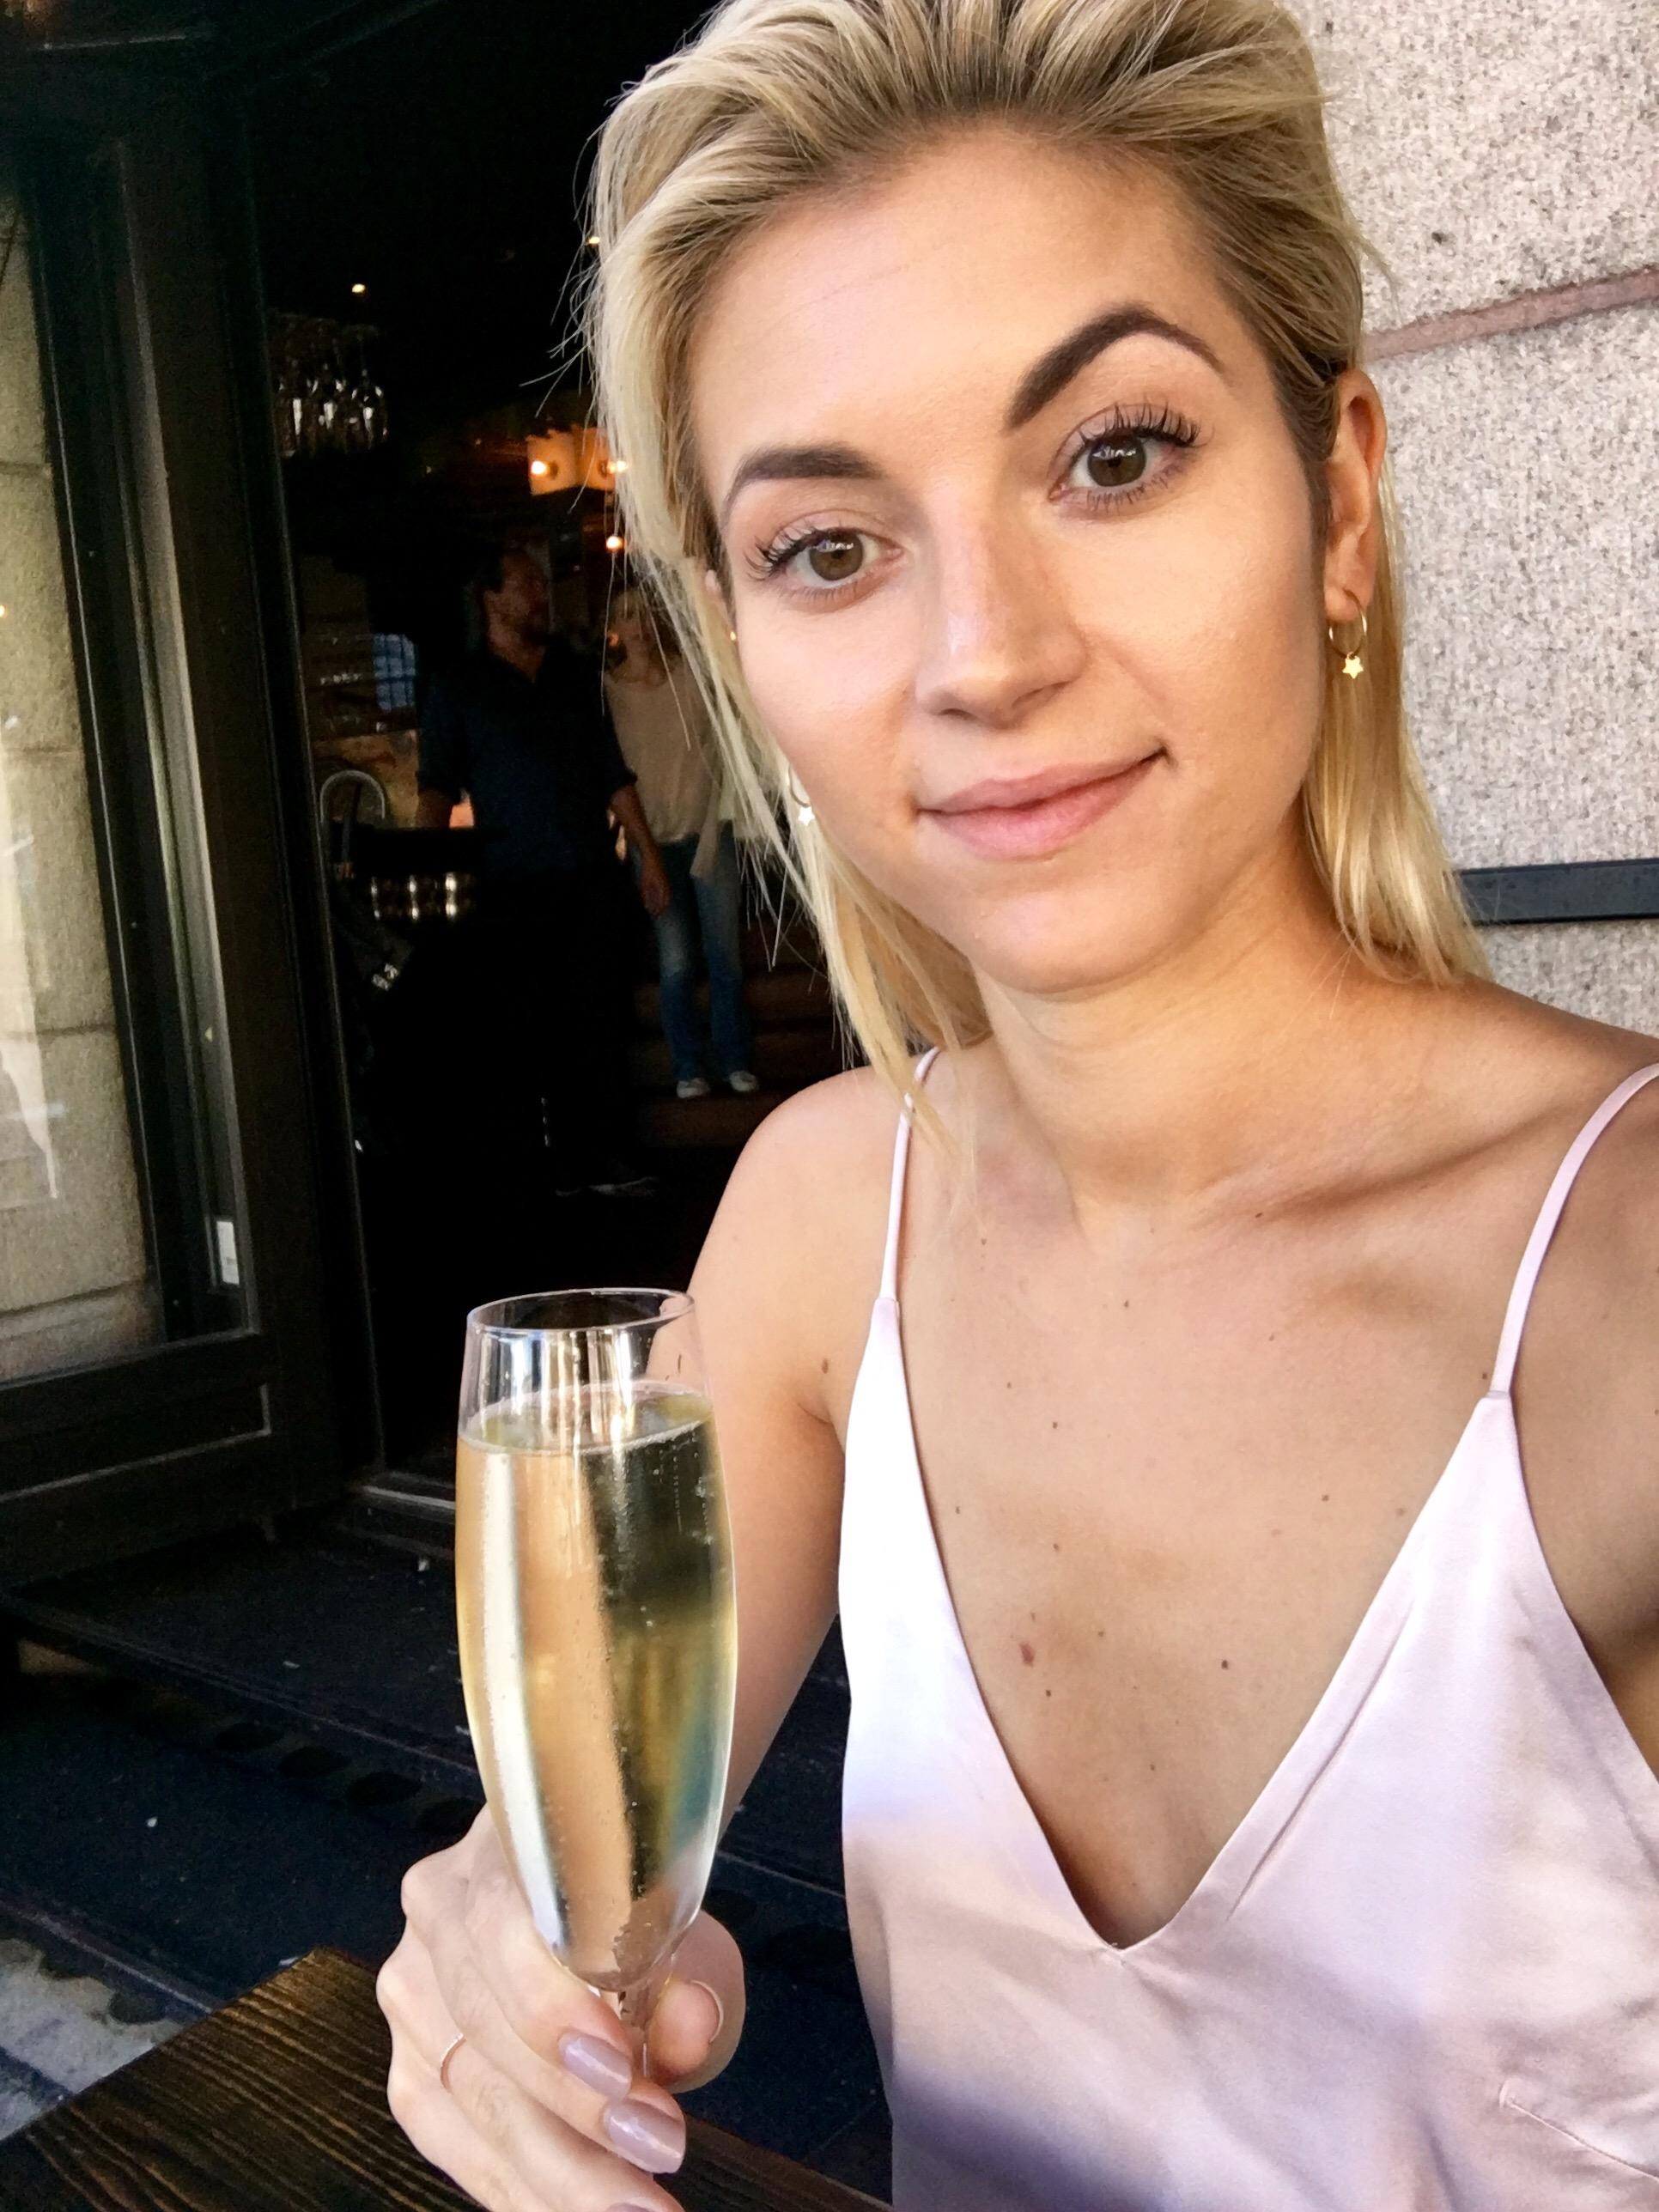 Ljuvliga presenter Michaela Forni